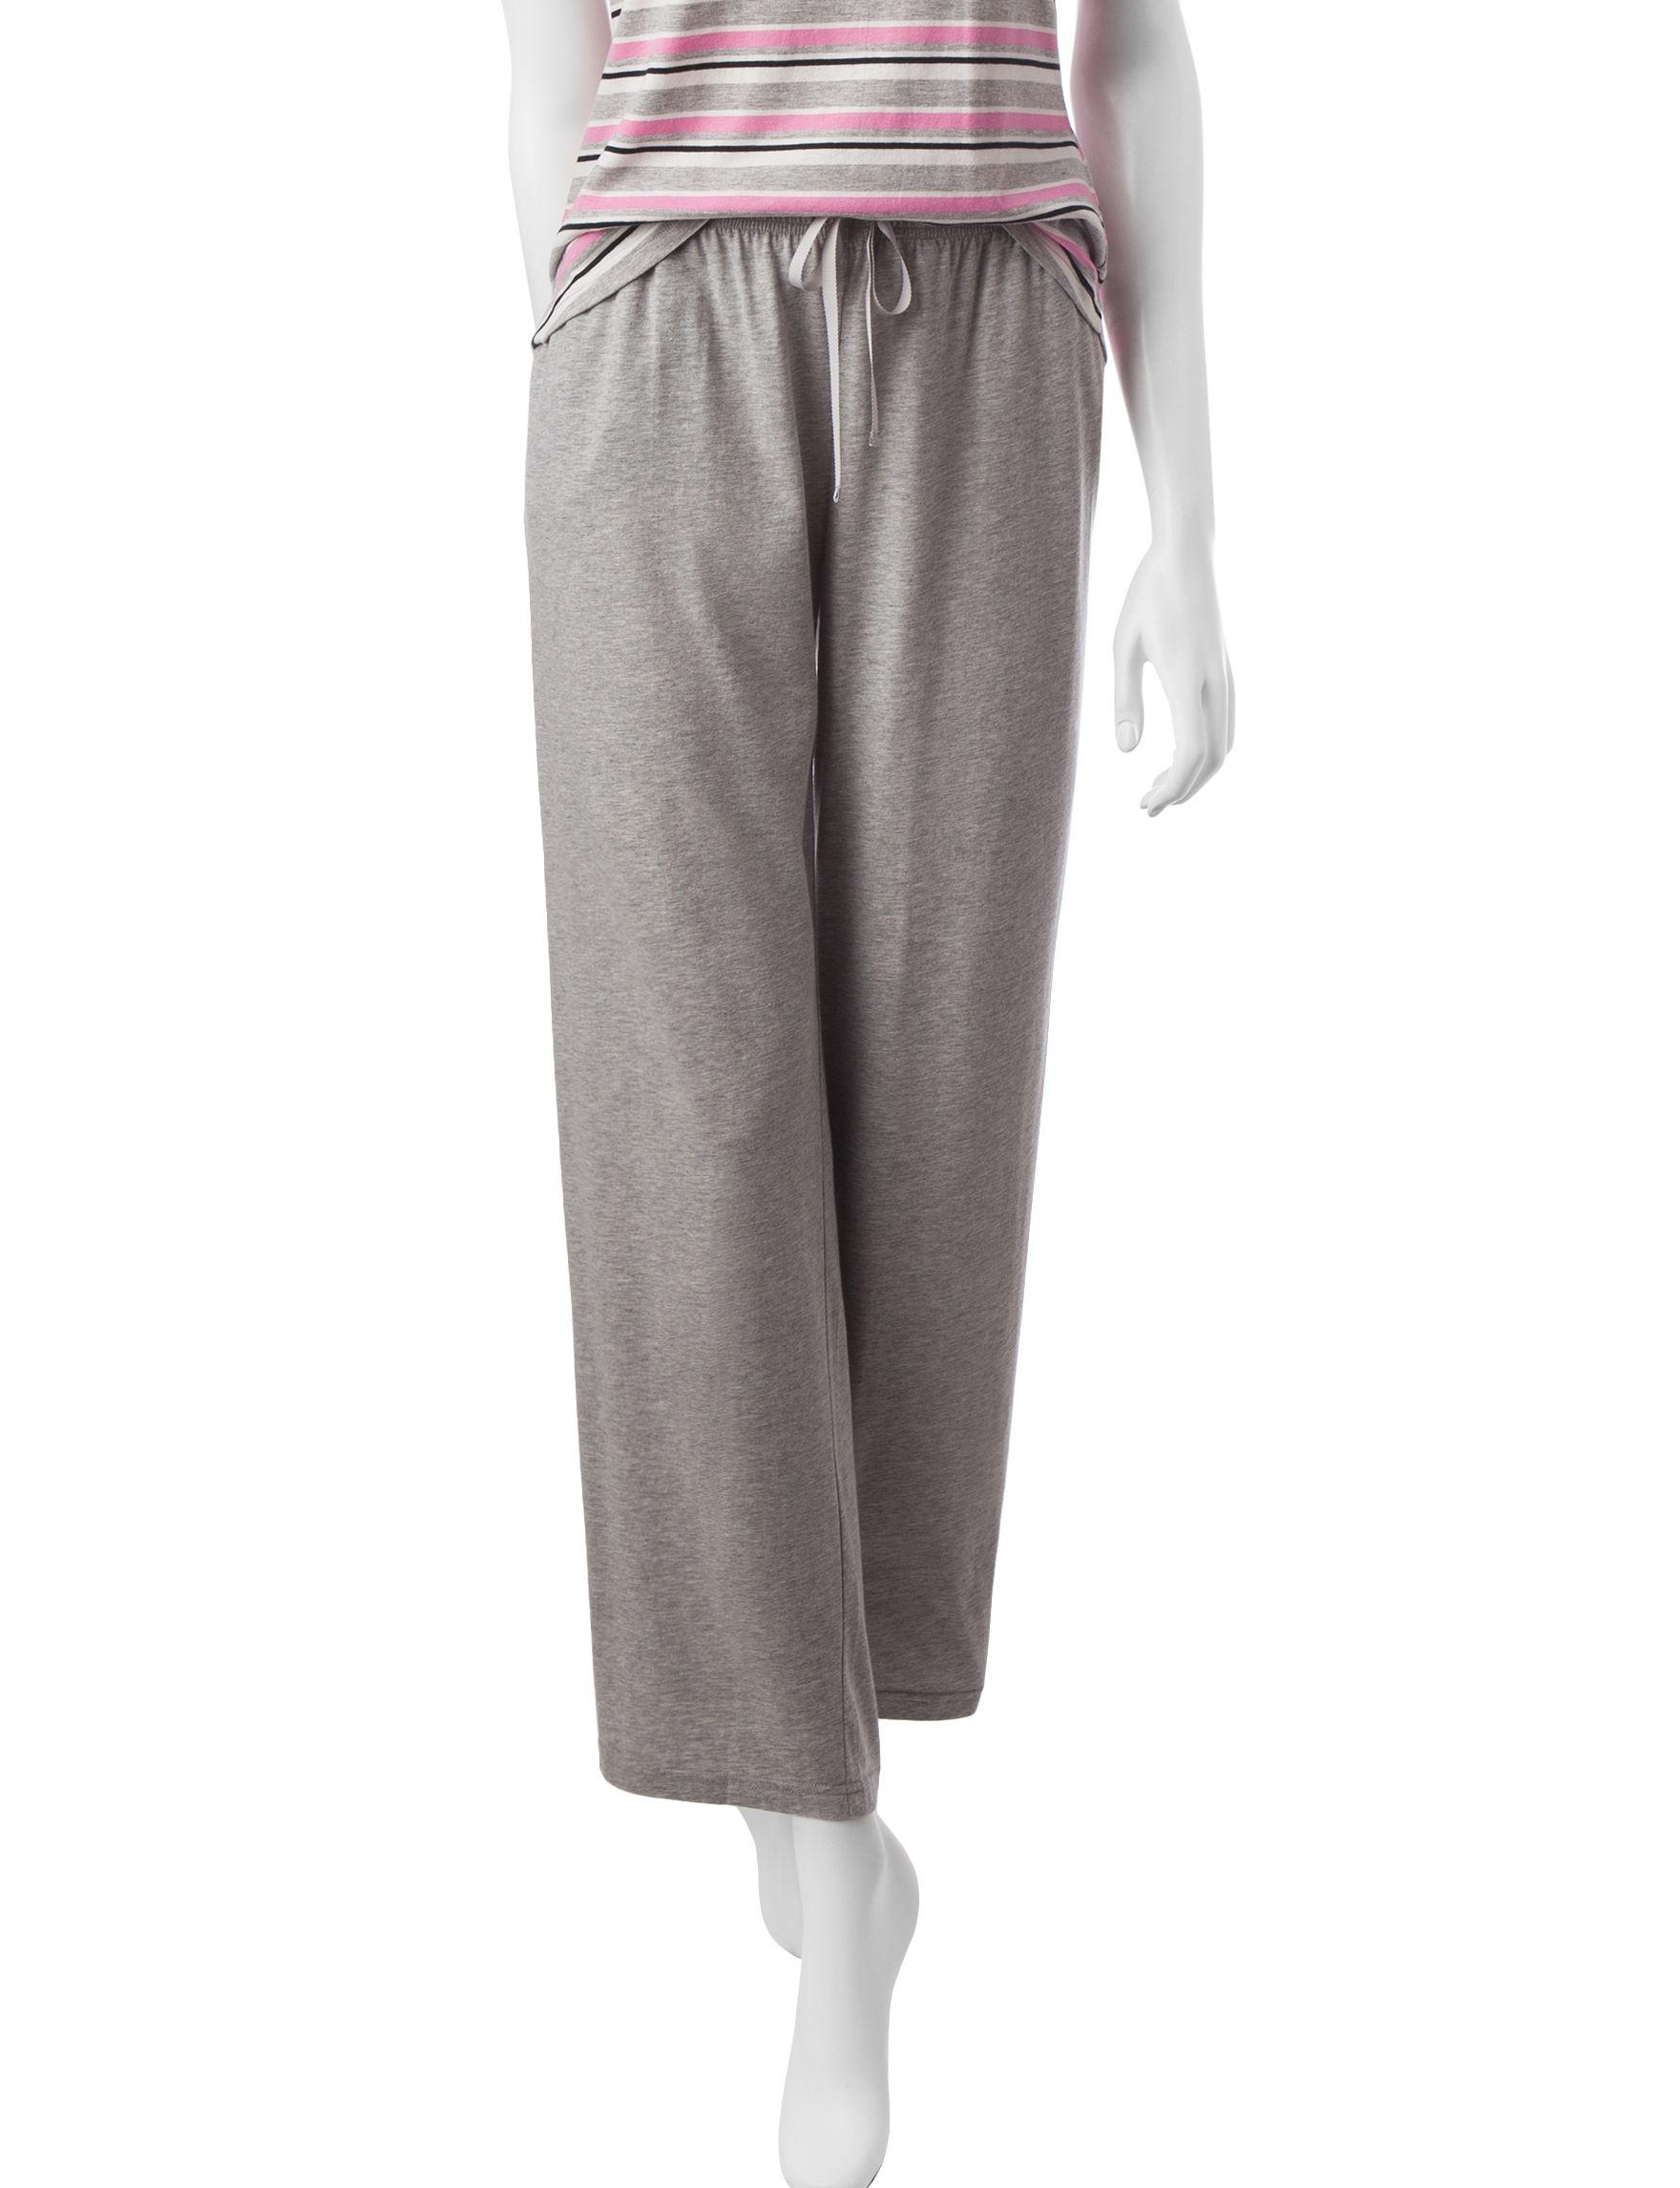 Hanes Grey Pajama Bottoms